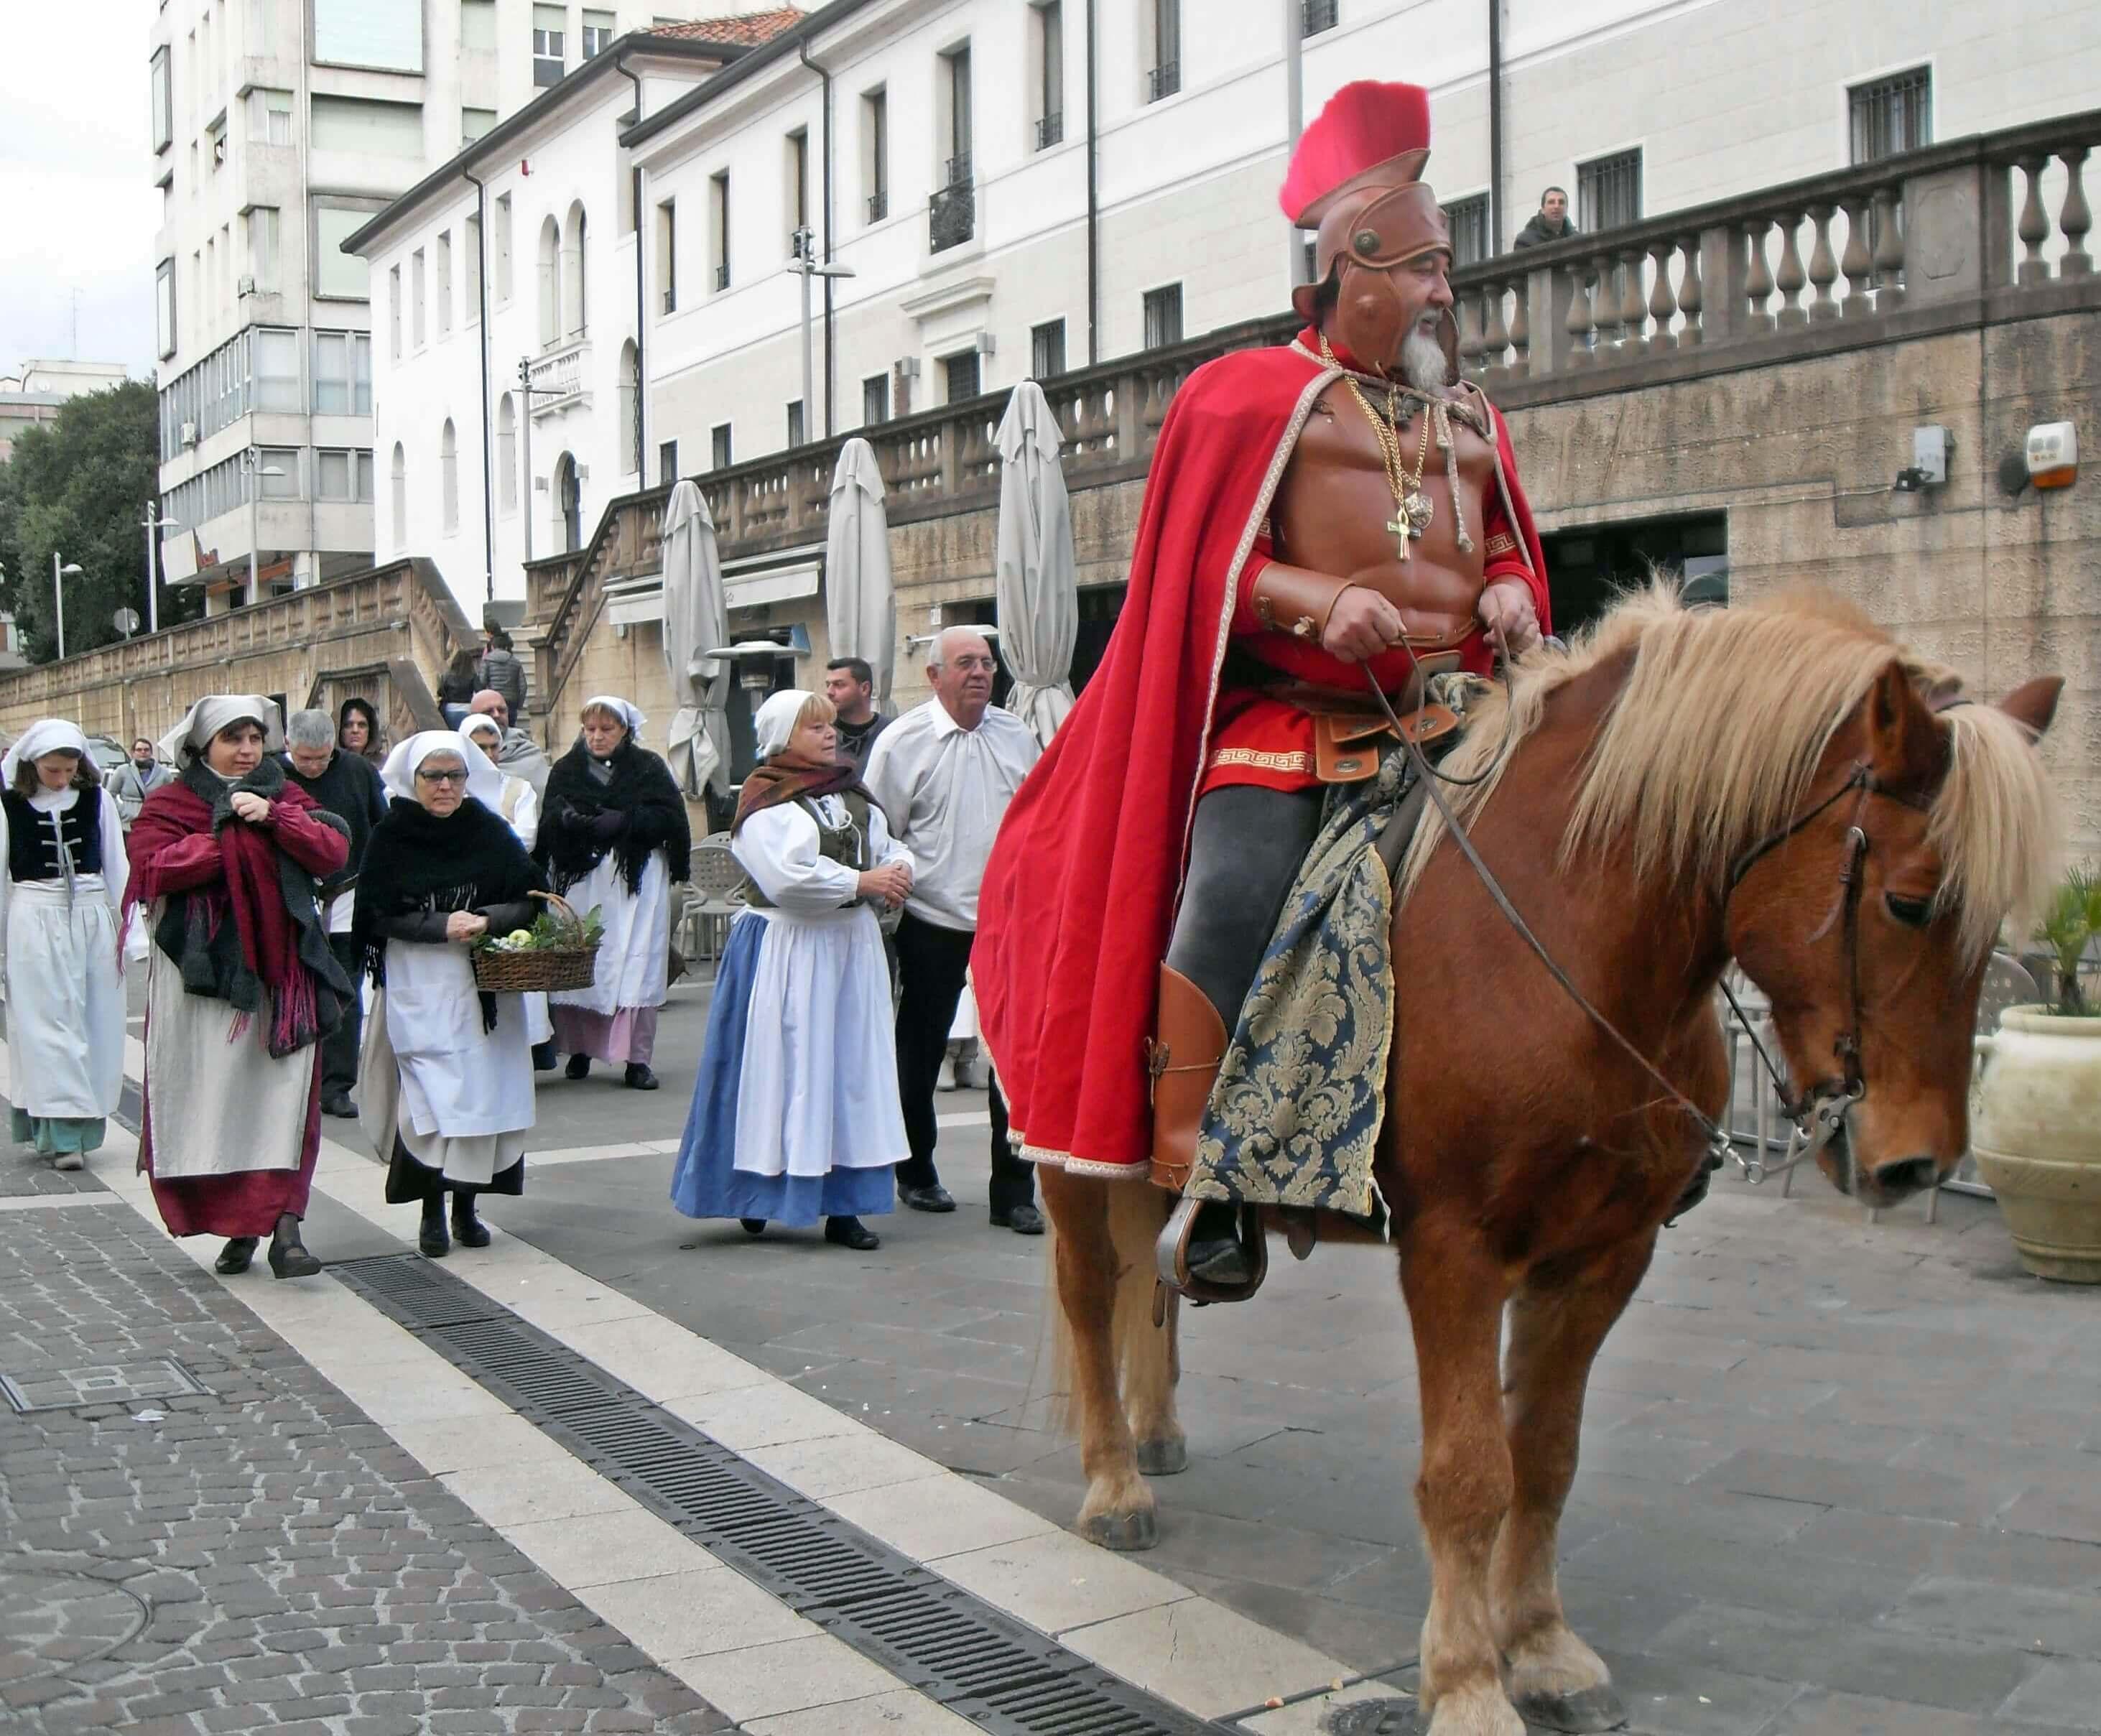 Rievocazione di San Martino a cavallo con il mantello rosso